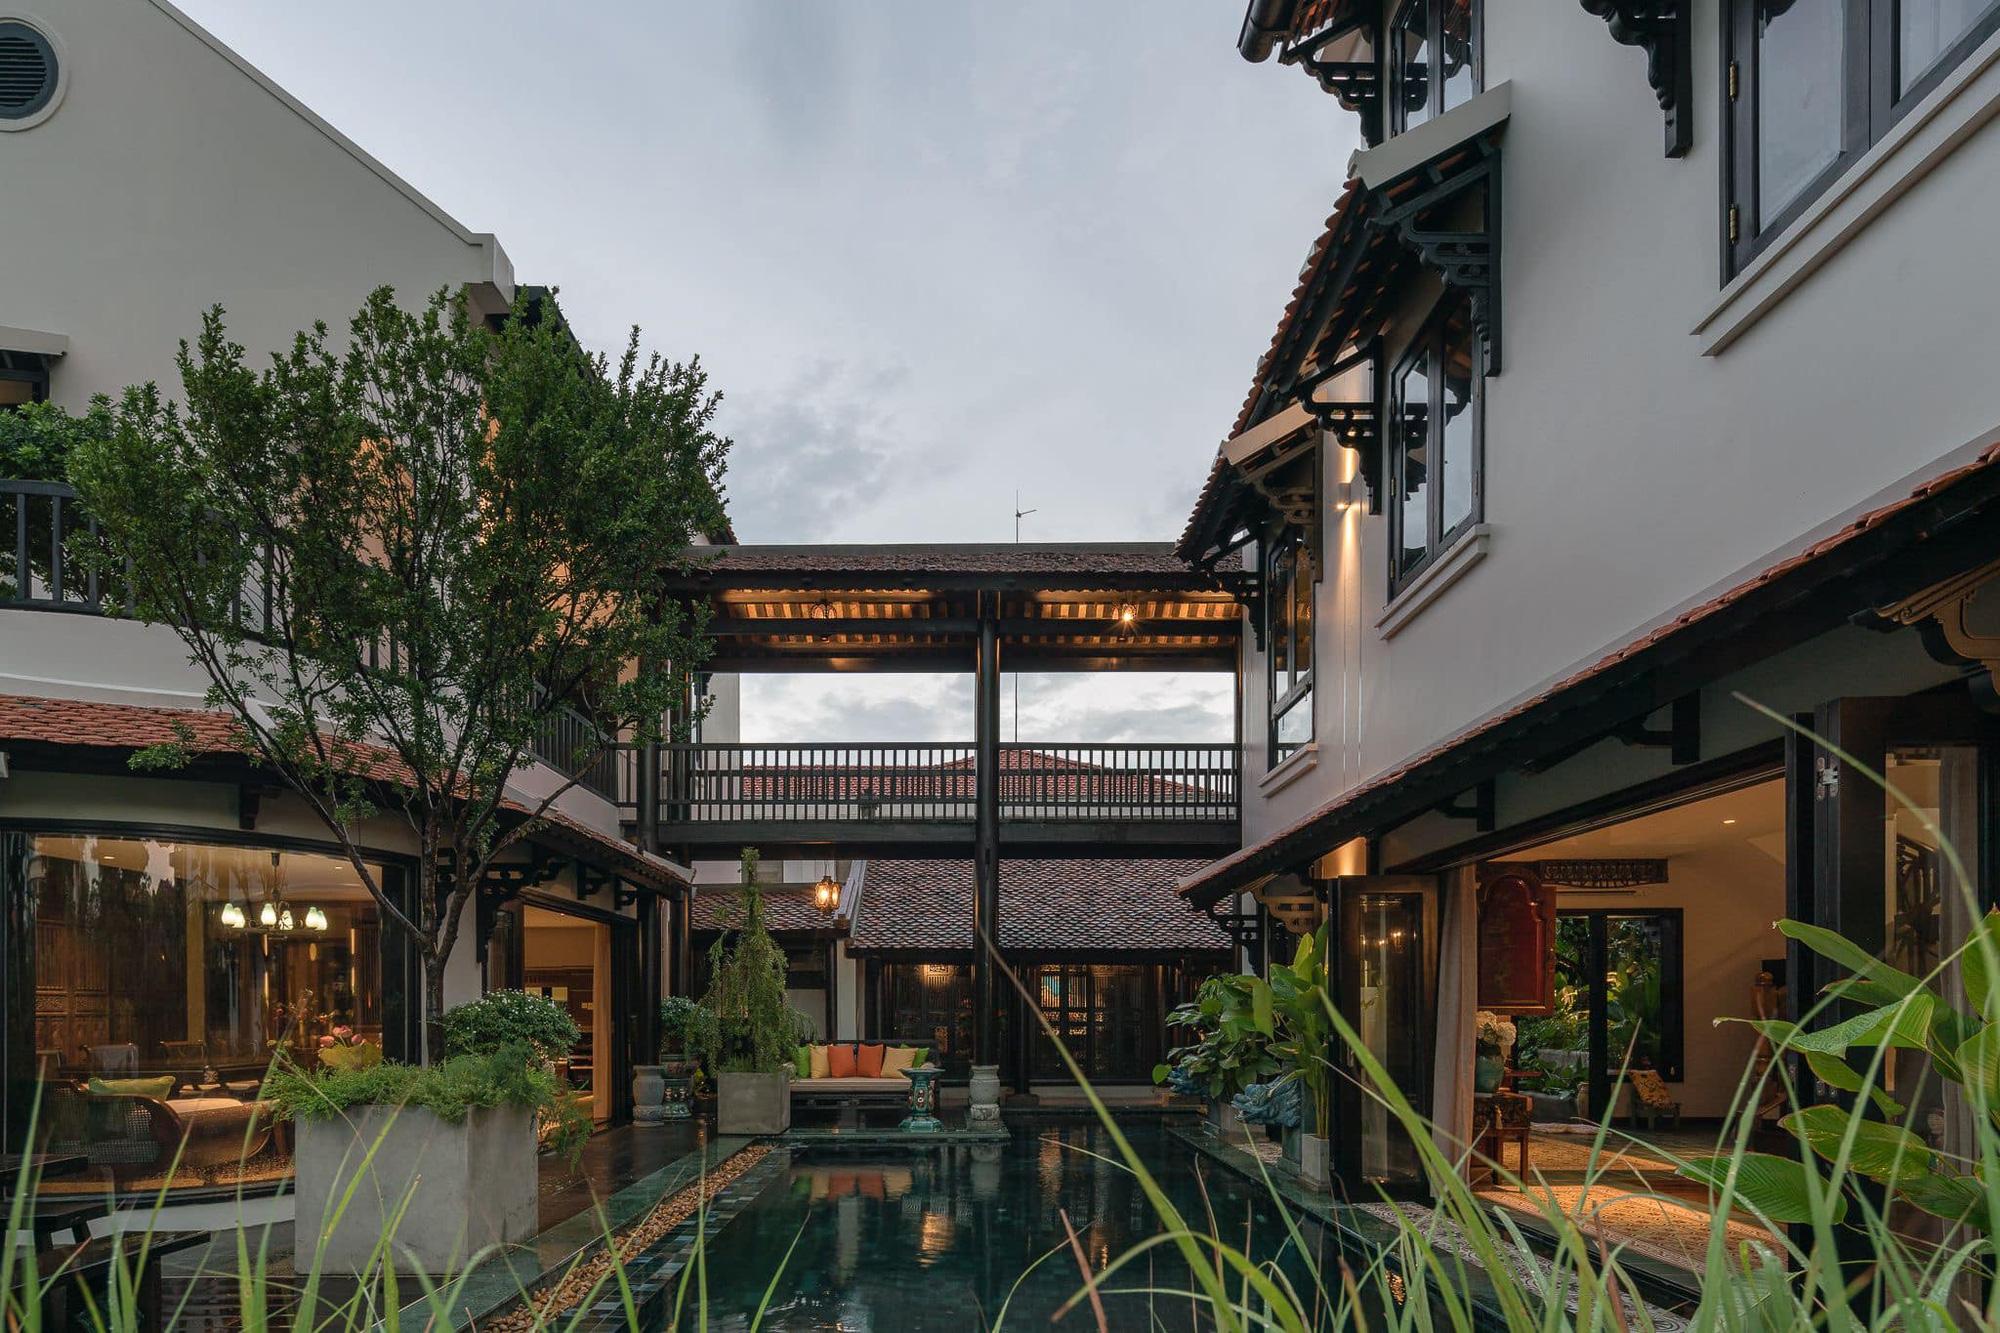 Ngôi nhà 400m2 tại Thảo Điền - Quận 2 được thiết kế từ ngôi biệt thự cổ, không gian thiên nhiên mê đắm lòng người - Ảnh 1.